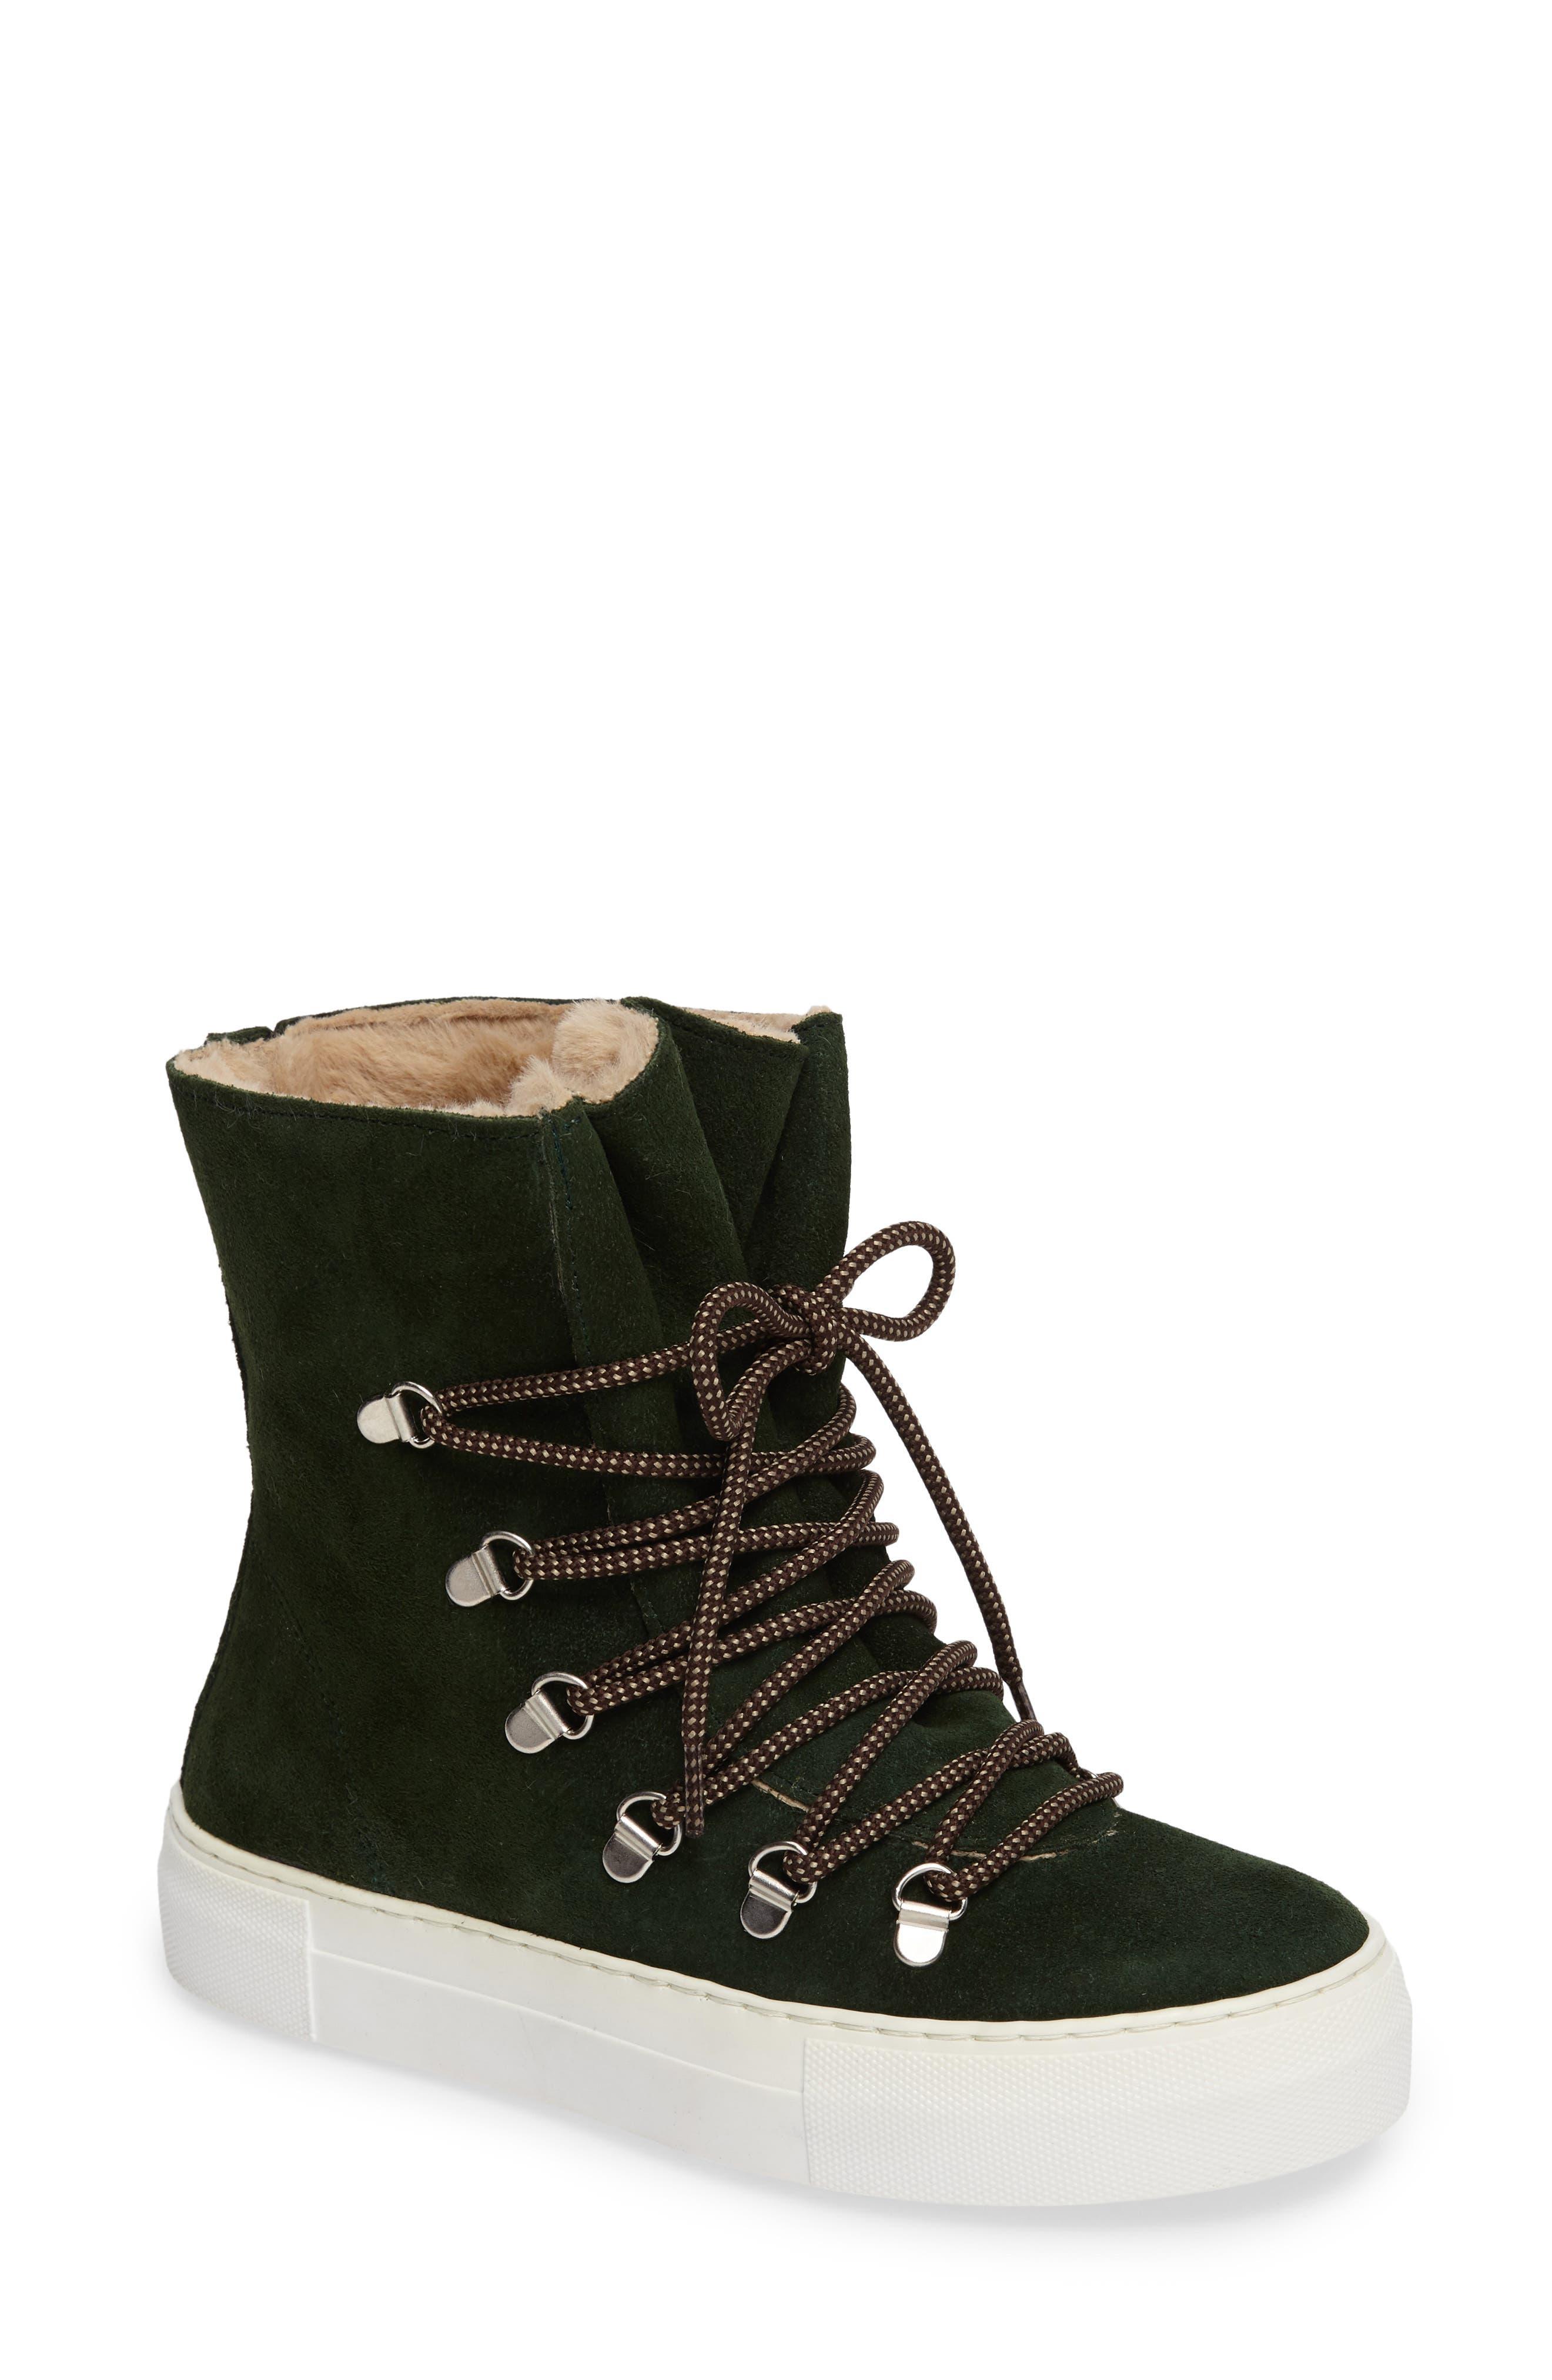 Jeffrey Campbell Cimone High Top Sneaker (Women)